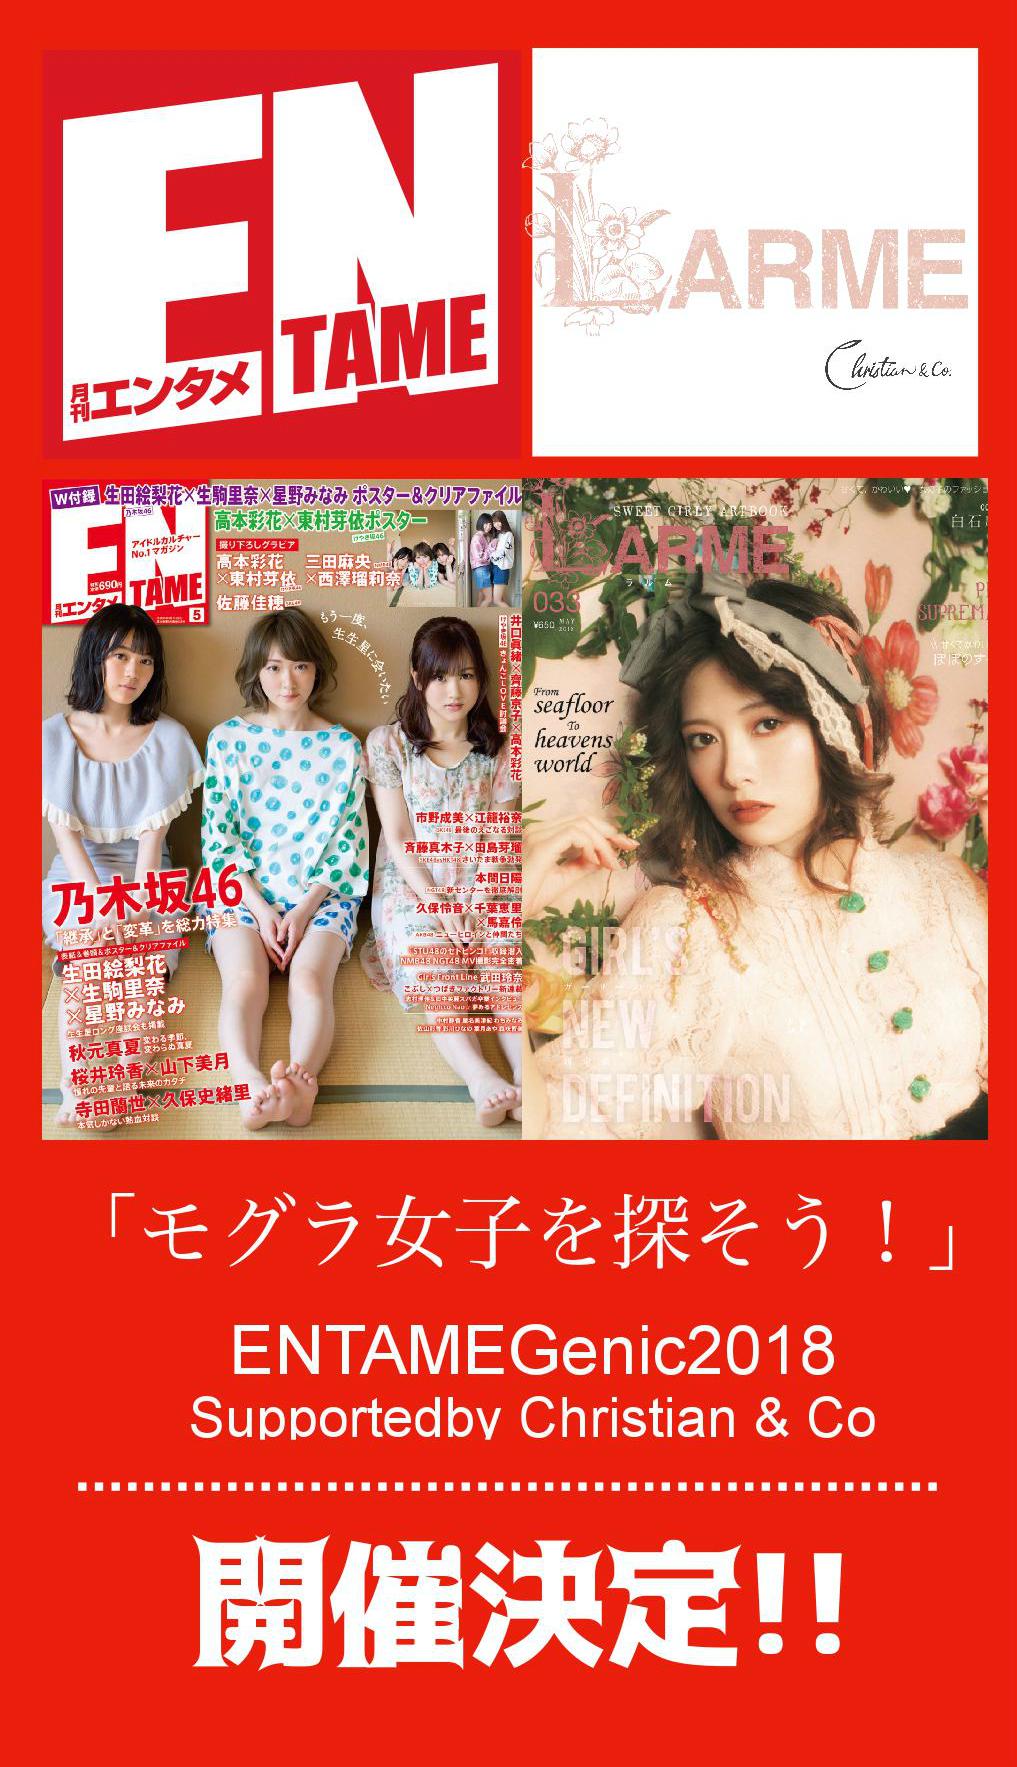 「モグラ女子を探そう!」ENTAMEGenic2018 Support by Christian & Co 開催決定!!